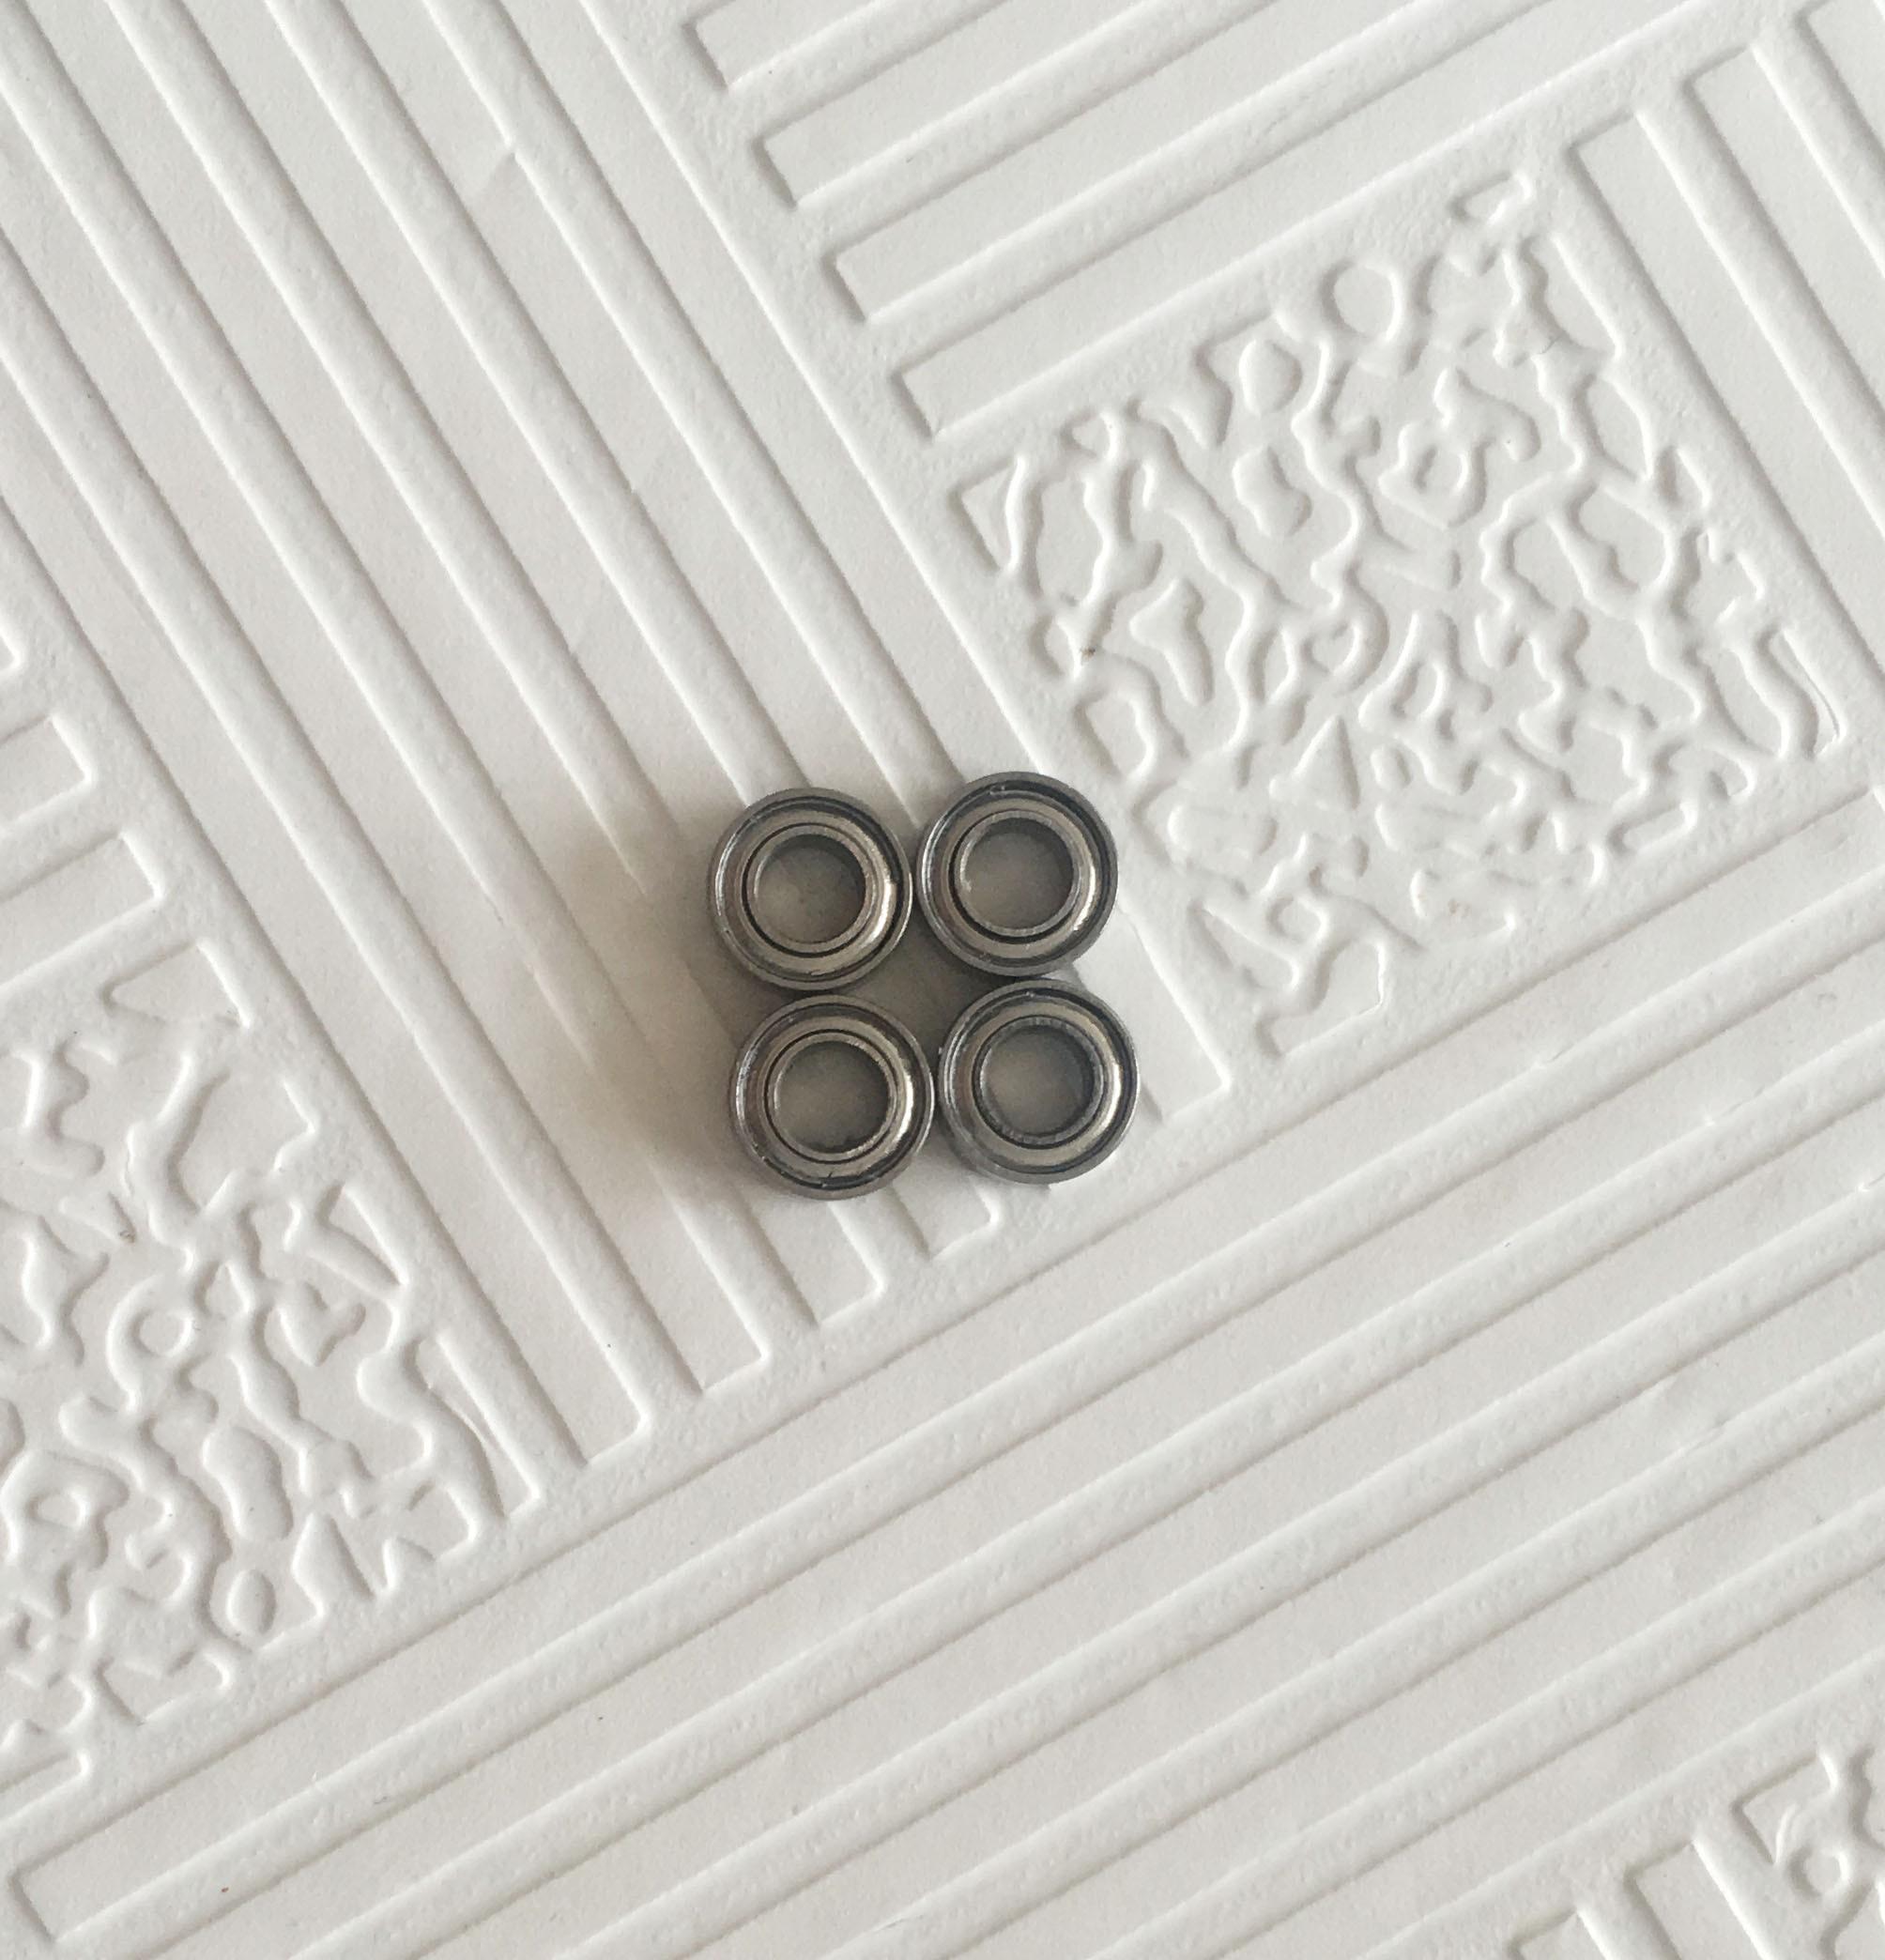 683ZZ 683Z 683 deep groove ball bearing 3x7x3mm miniature bearing full complement 681 681zz deep groove ball bearing 1x3x1mm miniature bearing 1 3 1mm full complement